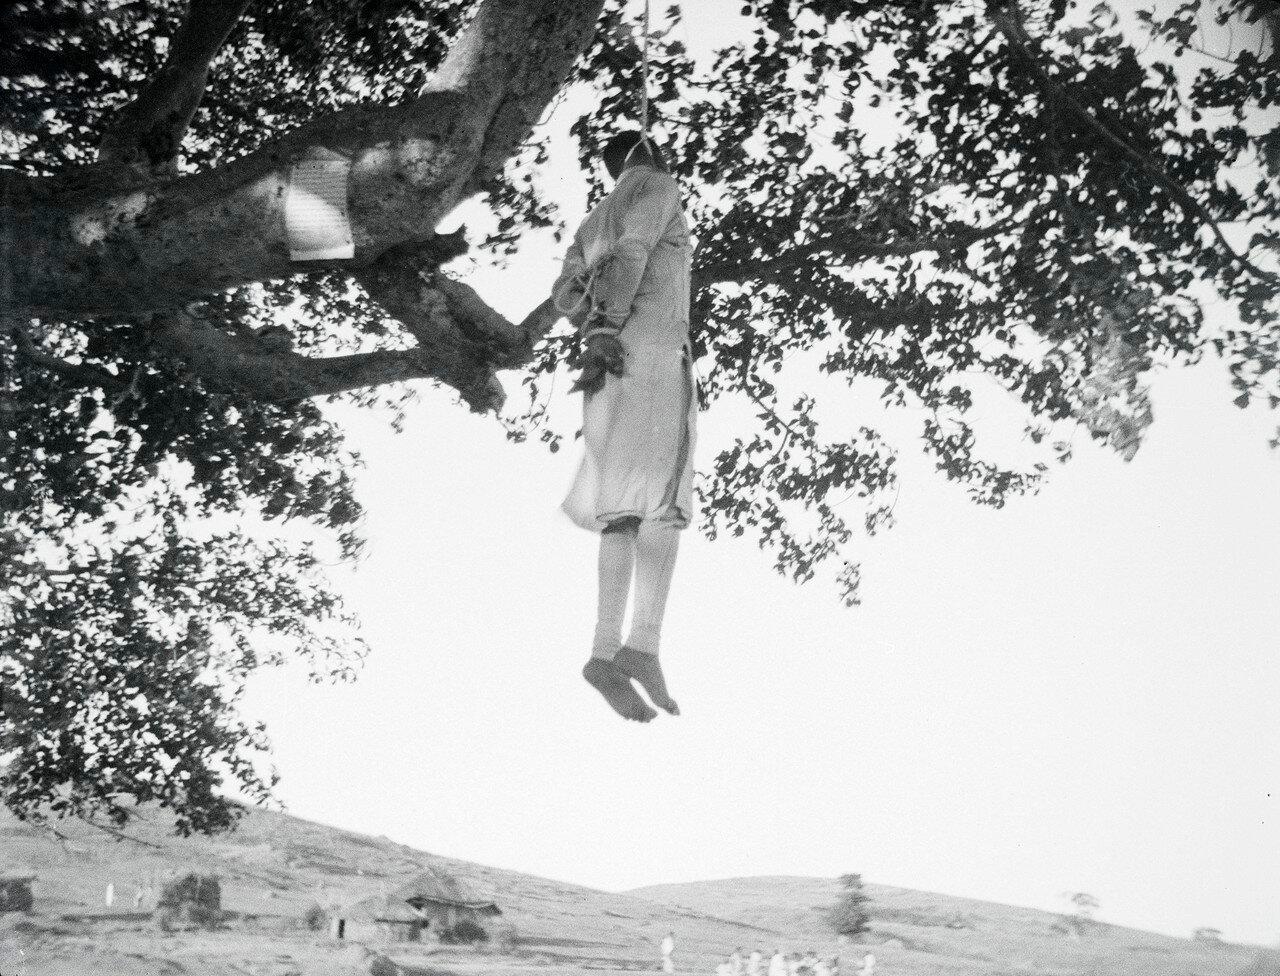 Казненный преступник, оставленный на дереве для острастки